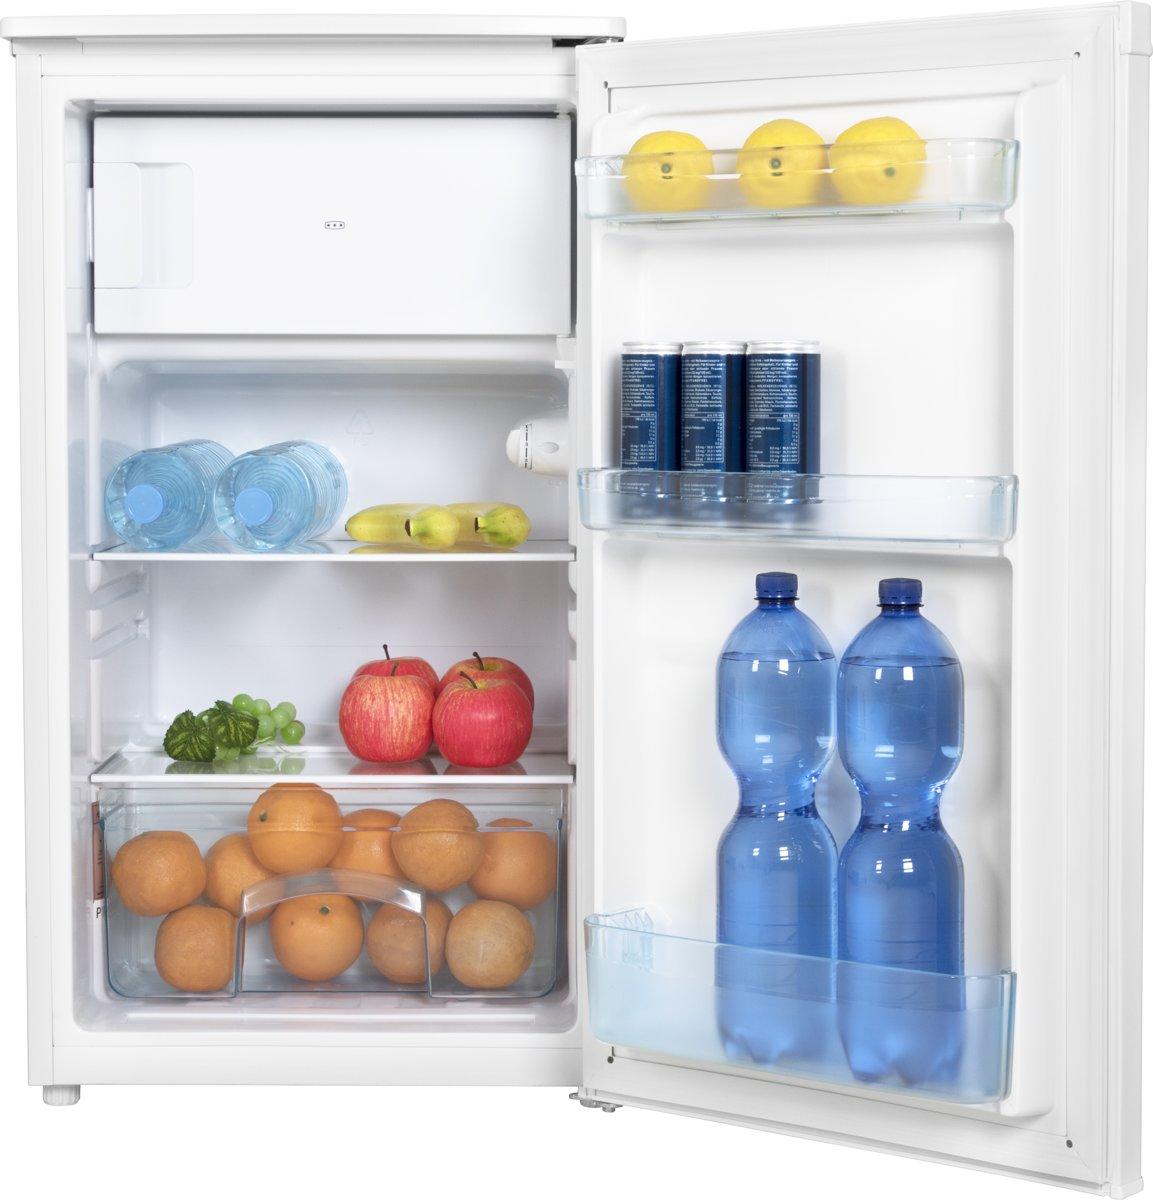 De Exquisit KS117 Koelkast de Best verkochte koelkast tafelmodel in Vlaanderen en Nederland.